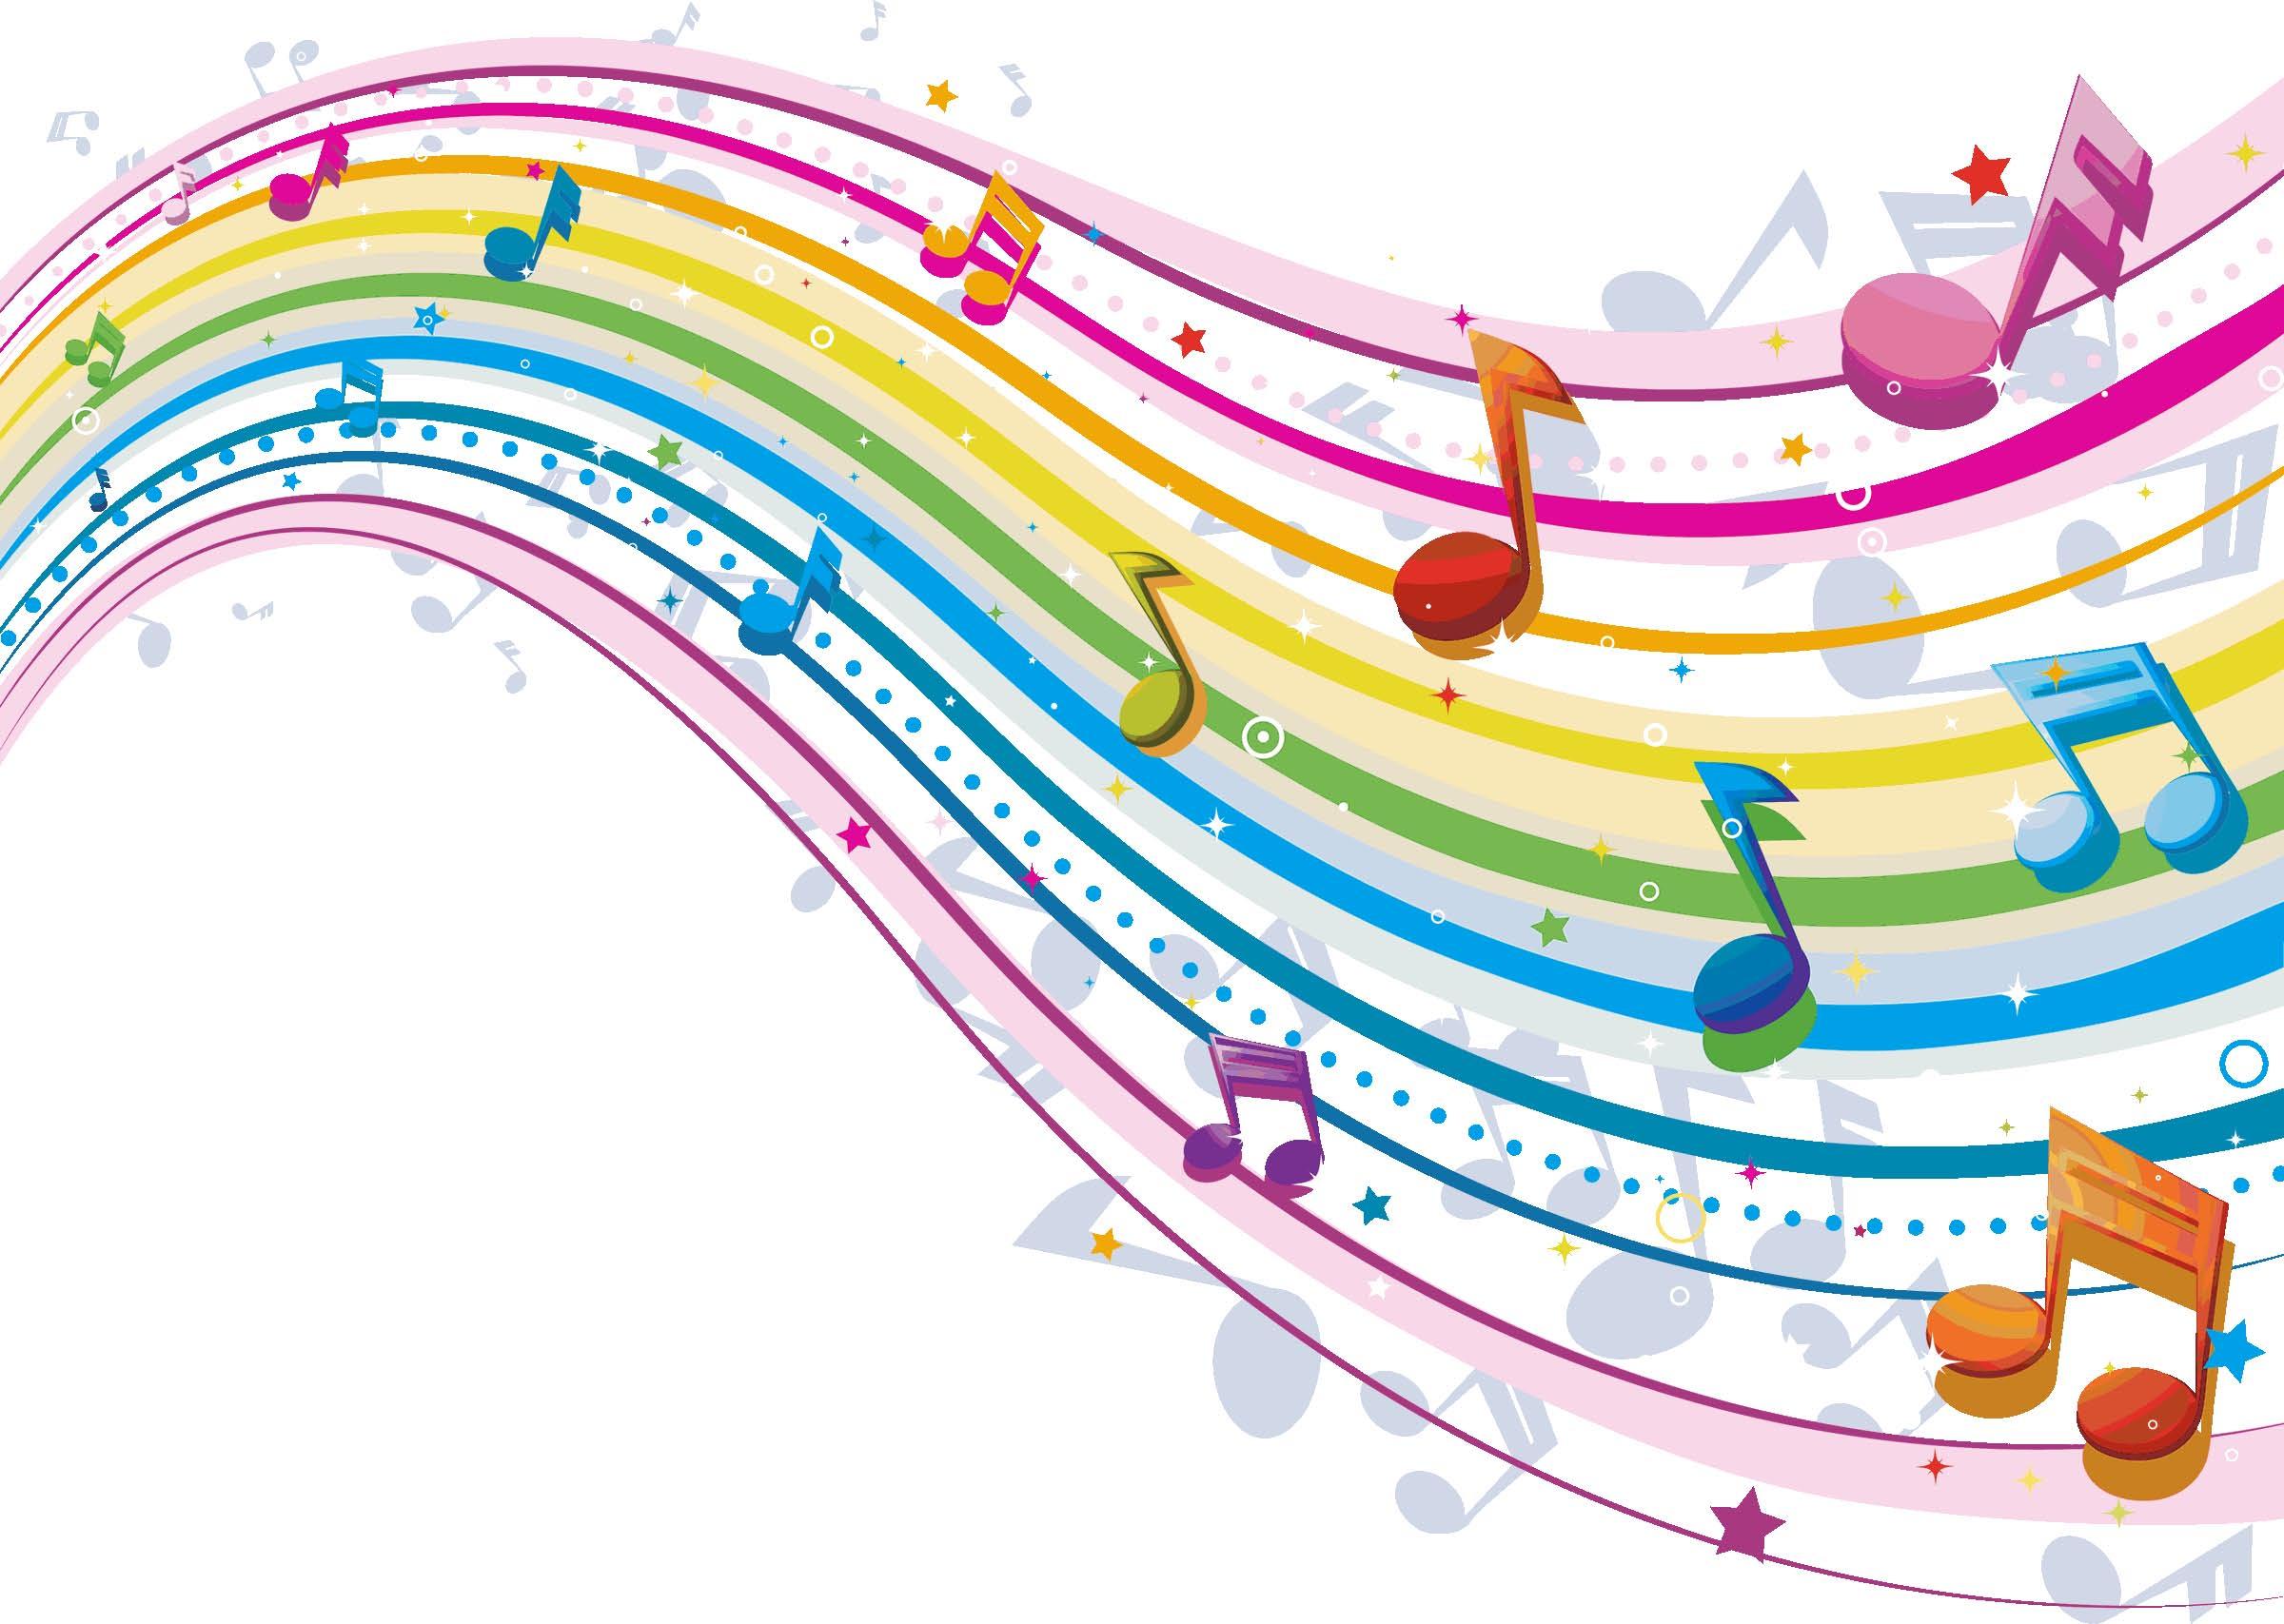 Colorful Music Notes Wallpaper Wallpapersafari